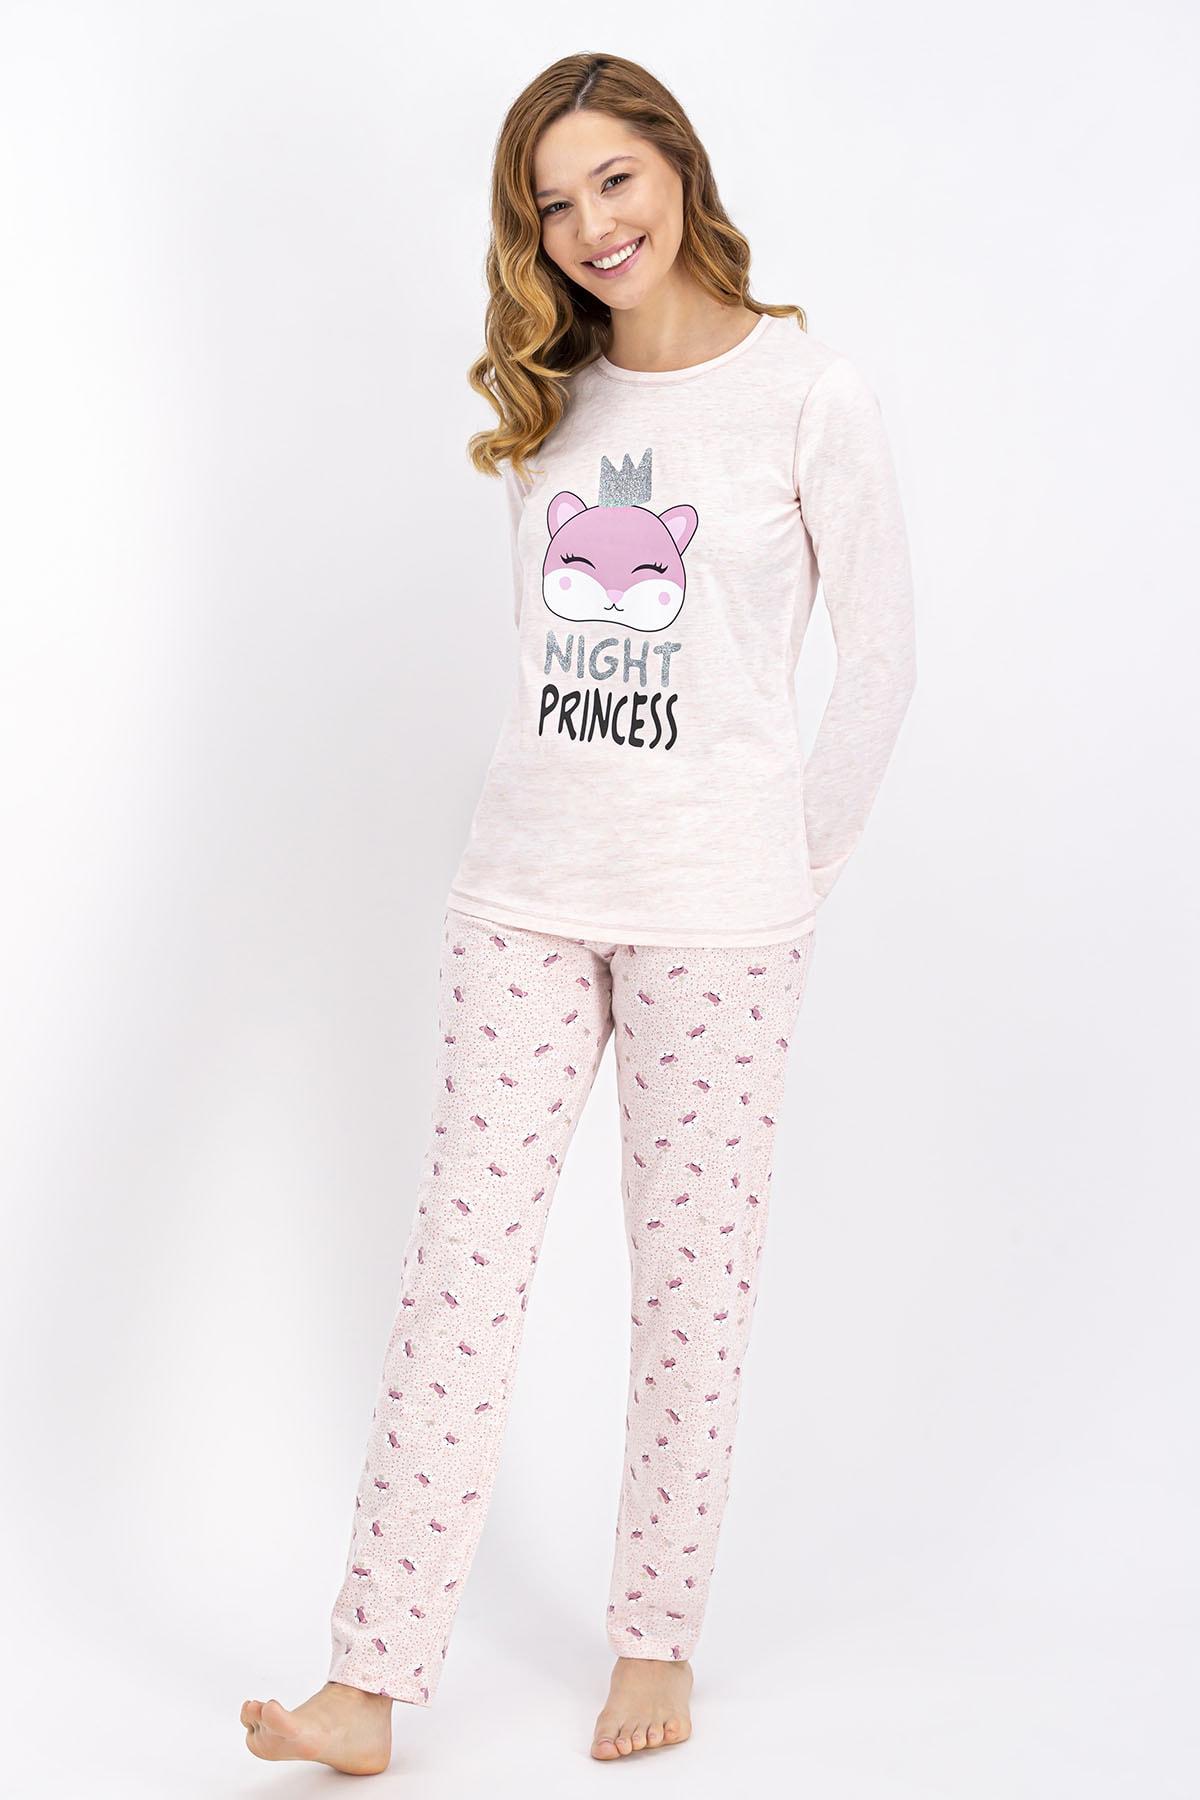 ROLY POLY Rolypoly Pembemelanj Night Princess Kadın Pijama Takımı 1